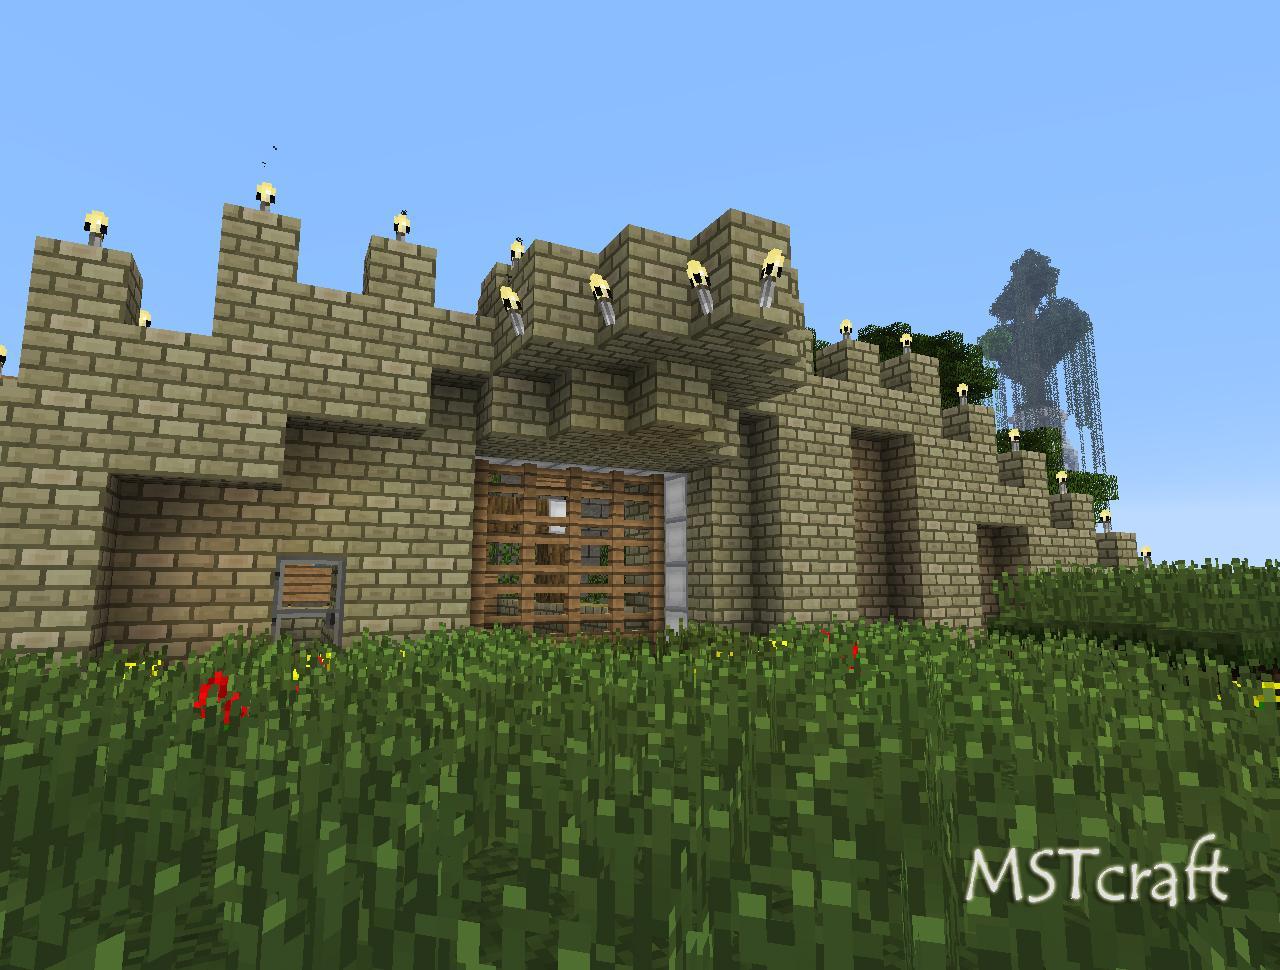 http://img.niceminecraft.net/TexturePack/MSTCraft-texture-pack-1.jpg